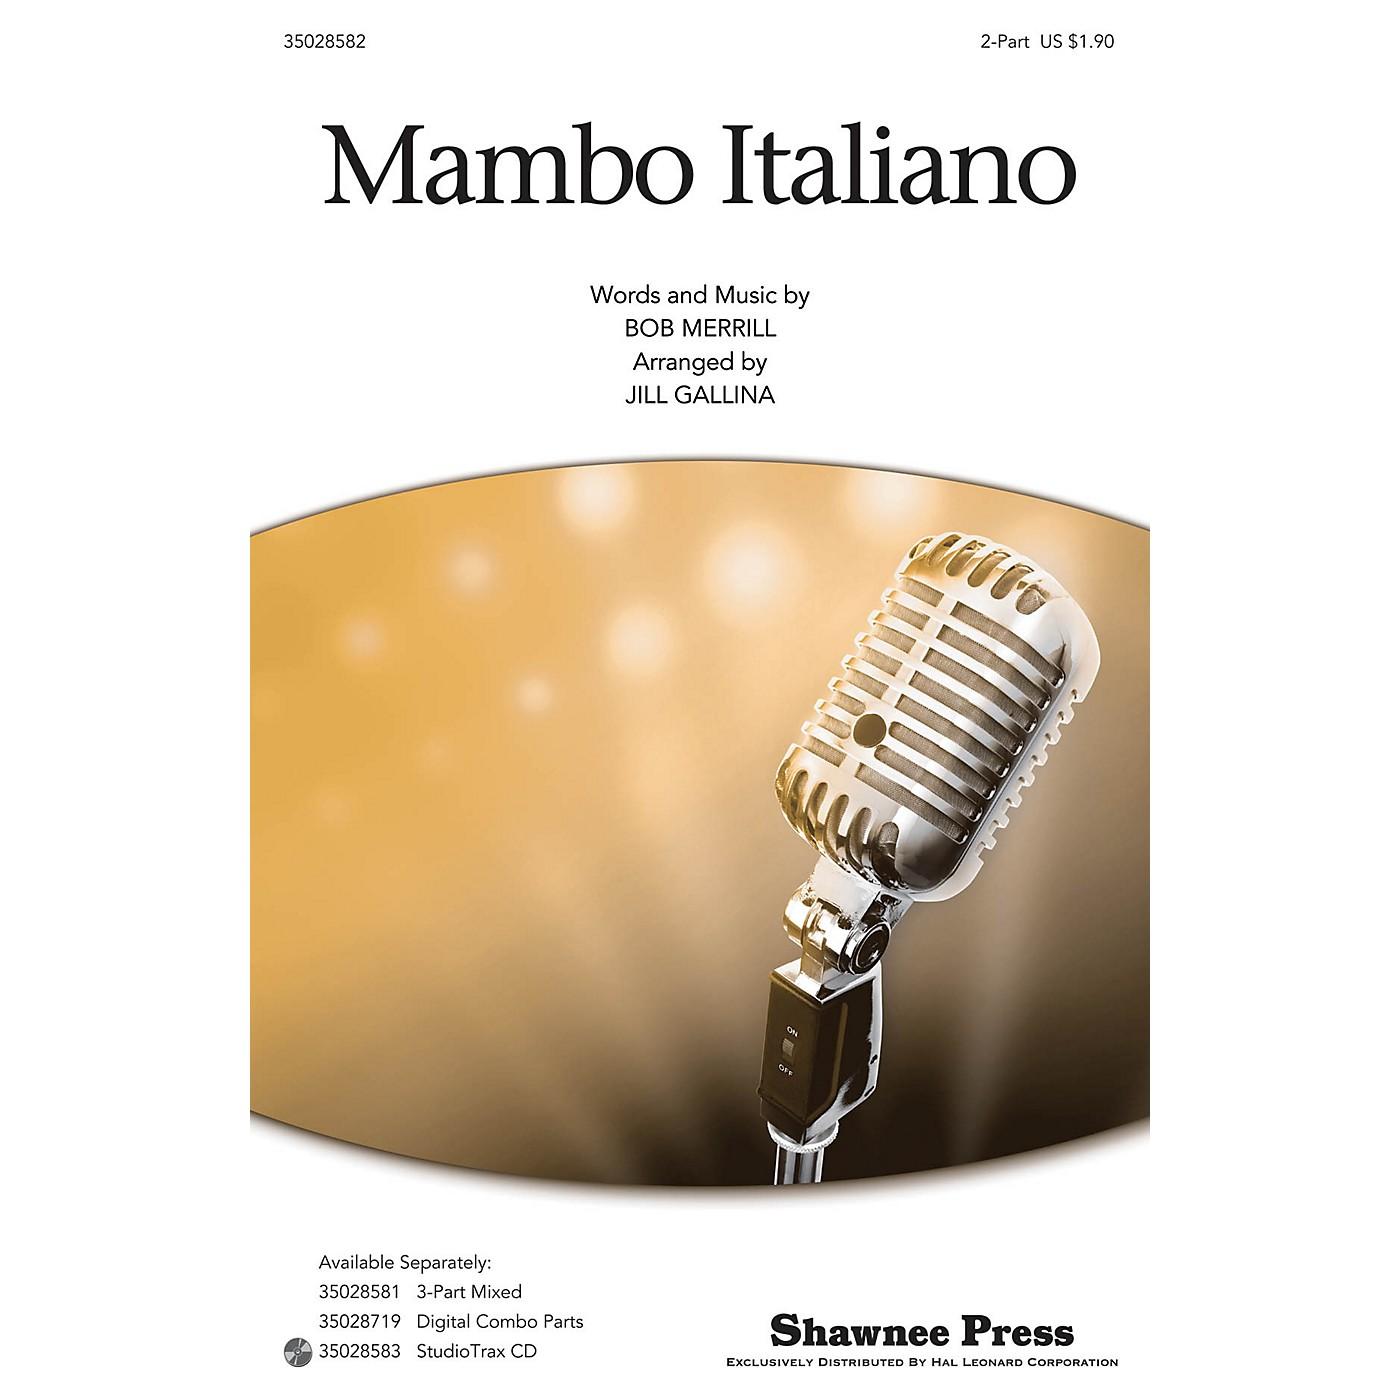 Hal Leonard Mambo Italiano 2-Part by Rosemary Clooney arranged by Jill Gallina thumbnail